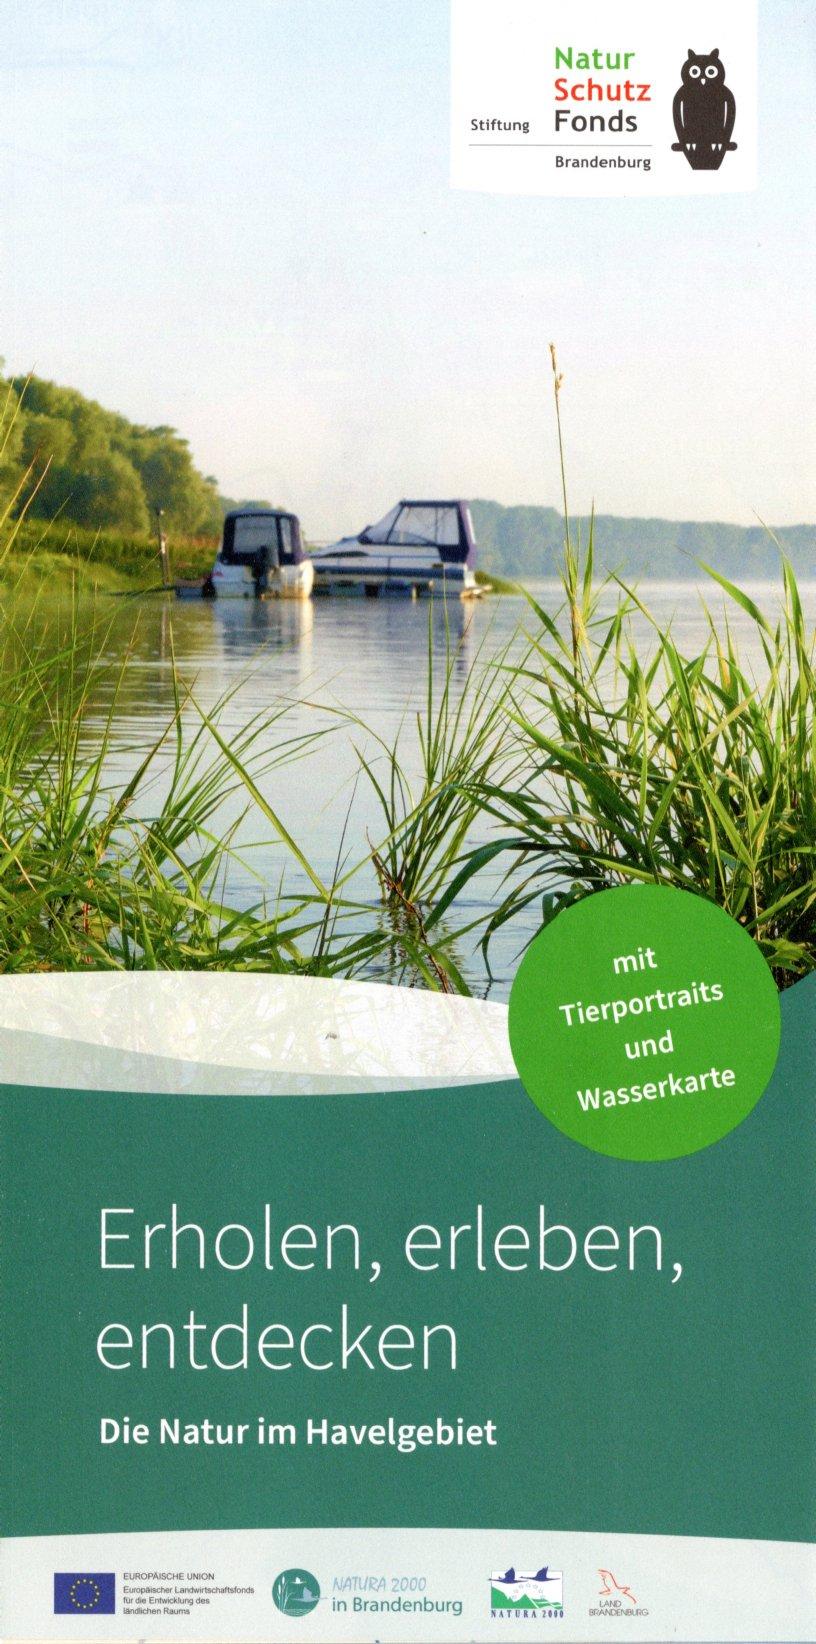 Die Natur im Havelgebiet